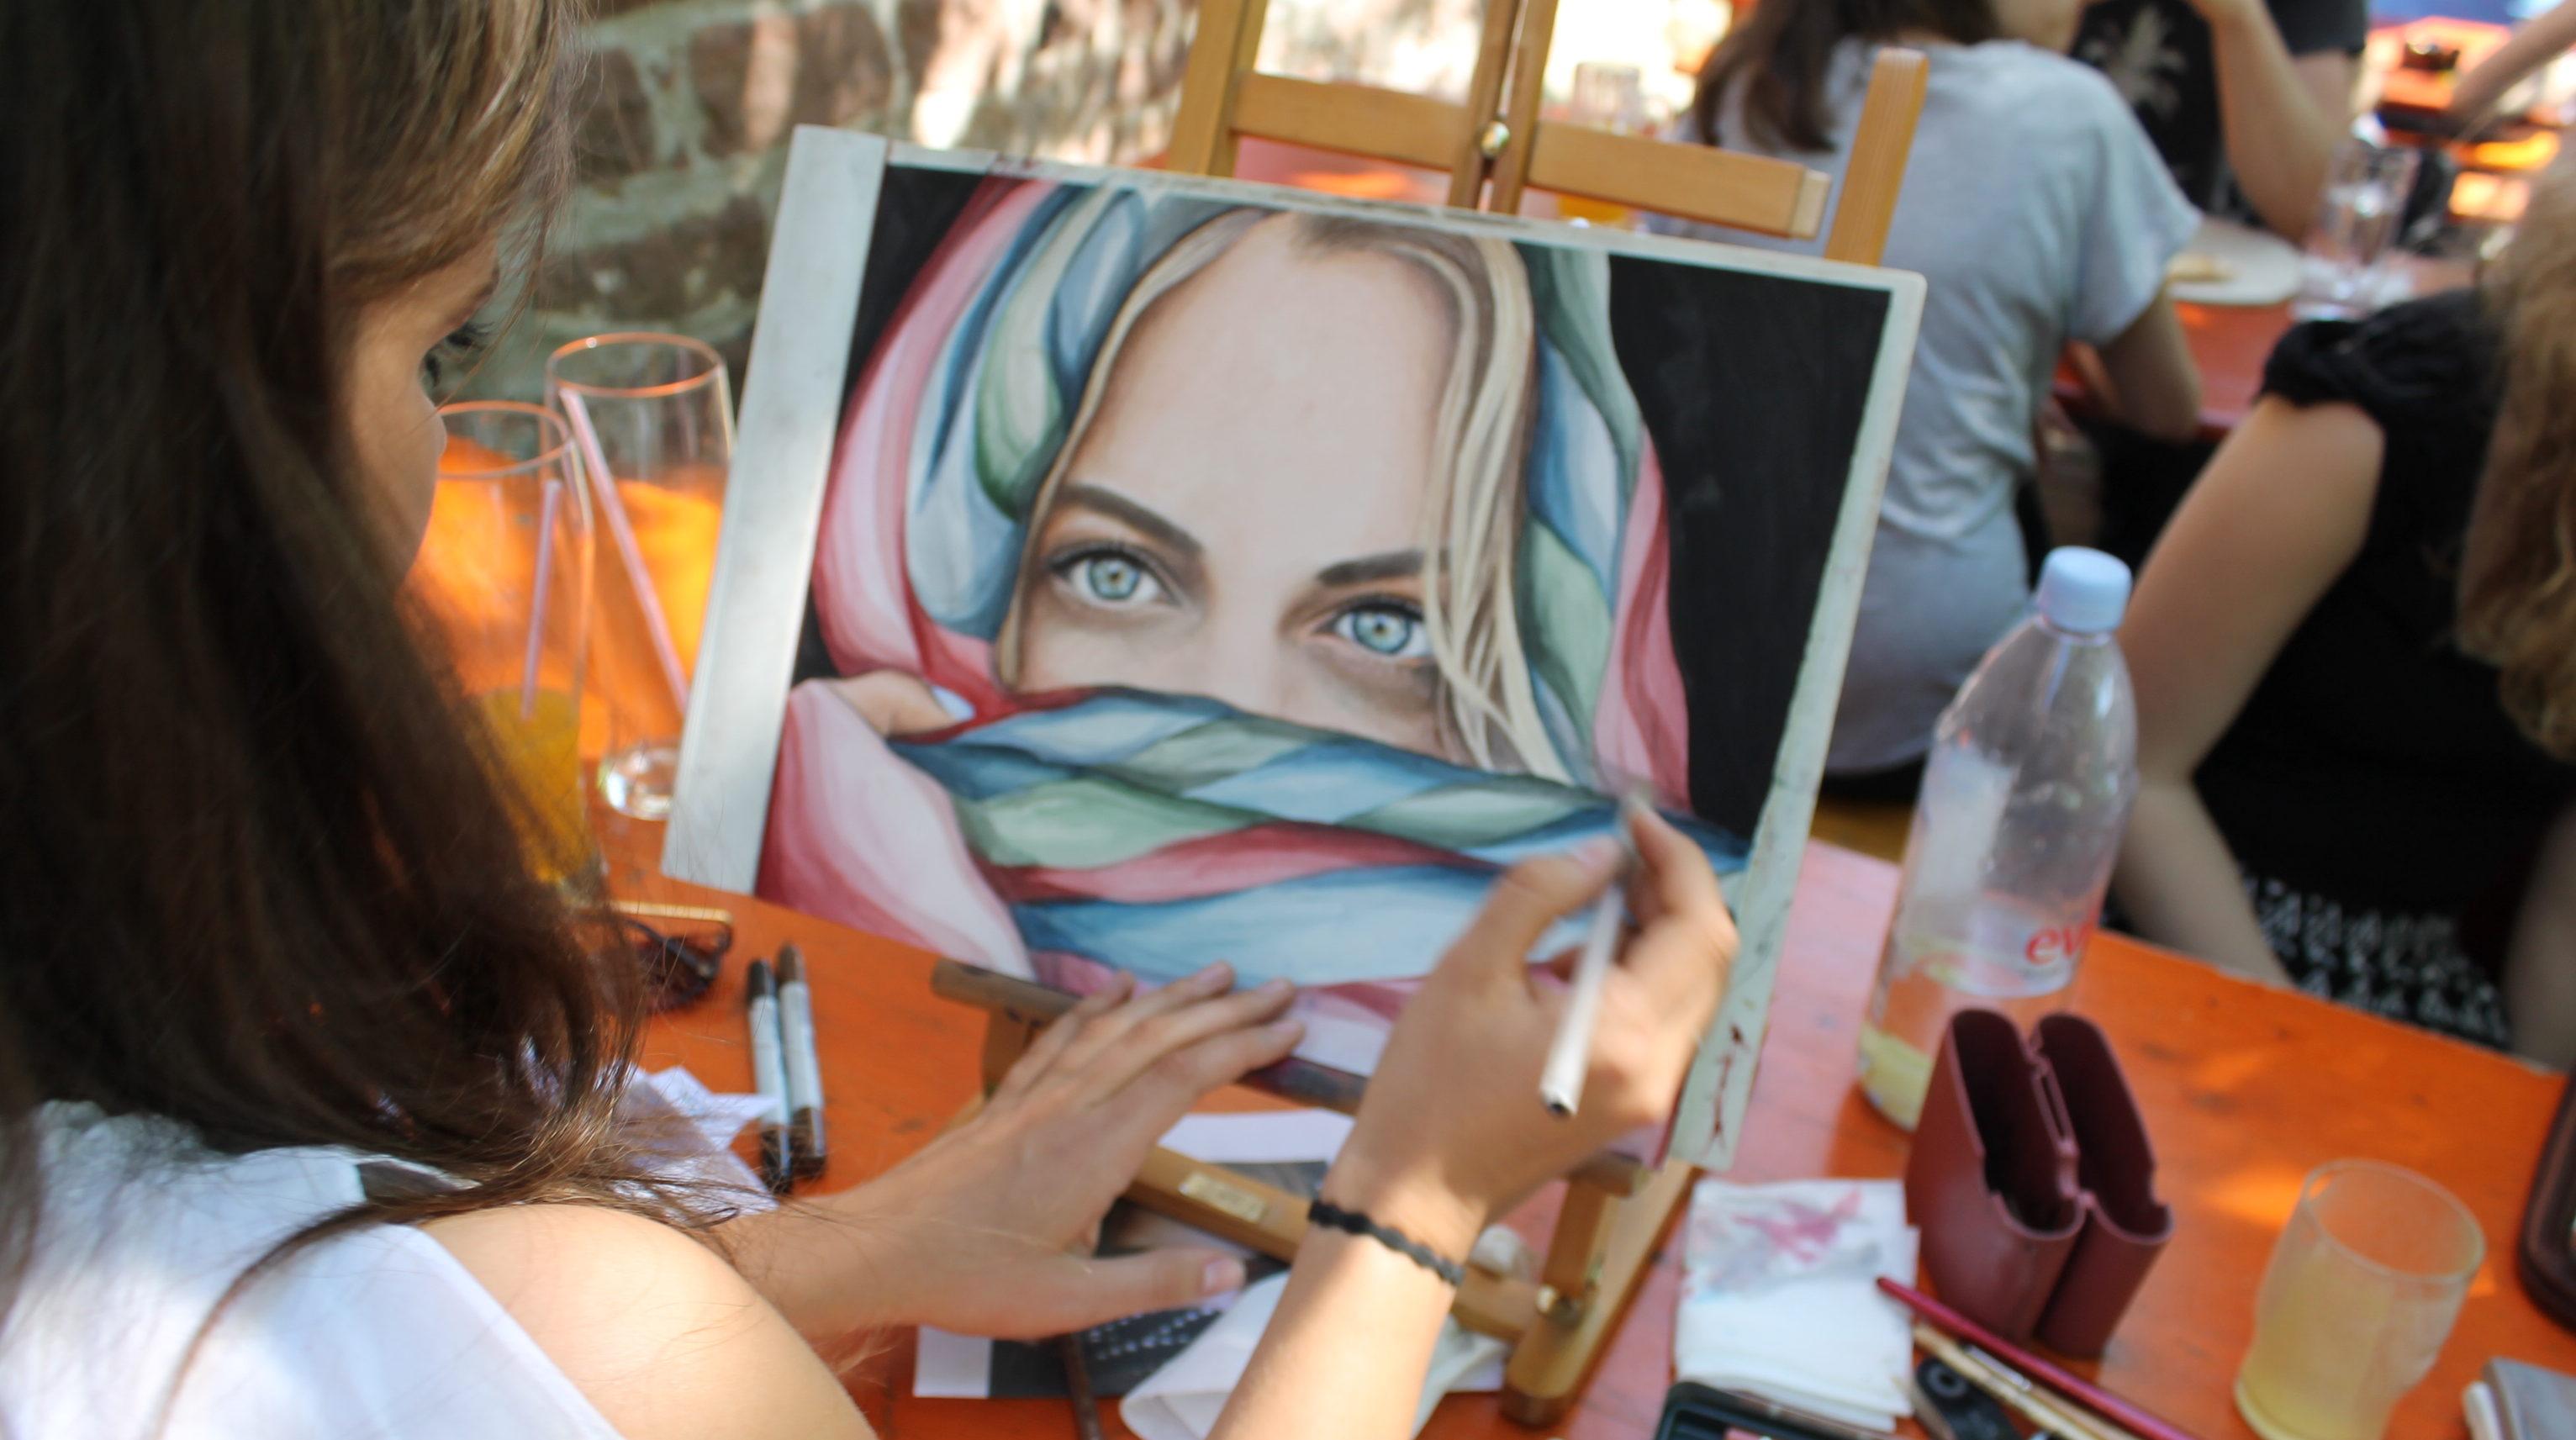 Eine Teilnehmerin verleiht ihrem Bild kurz vor Schluss noch den letzten Schliff. Bild: Elif Dabazoglu.